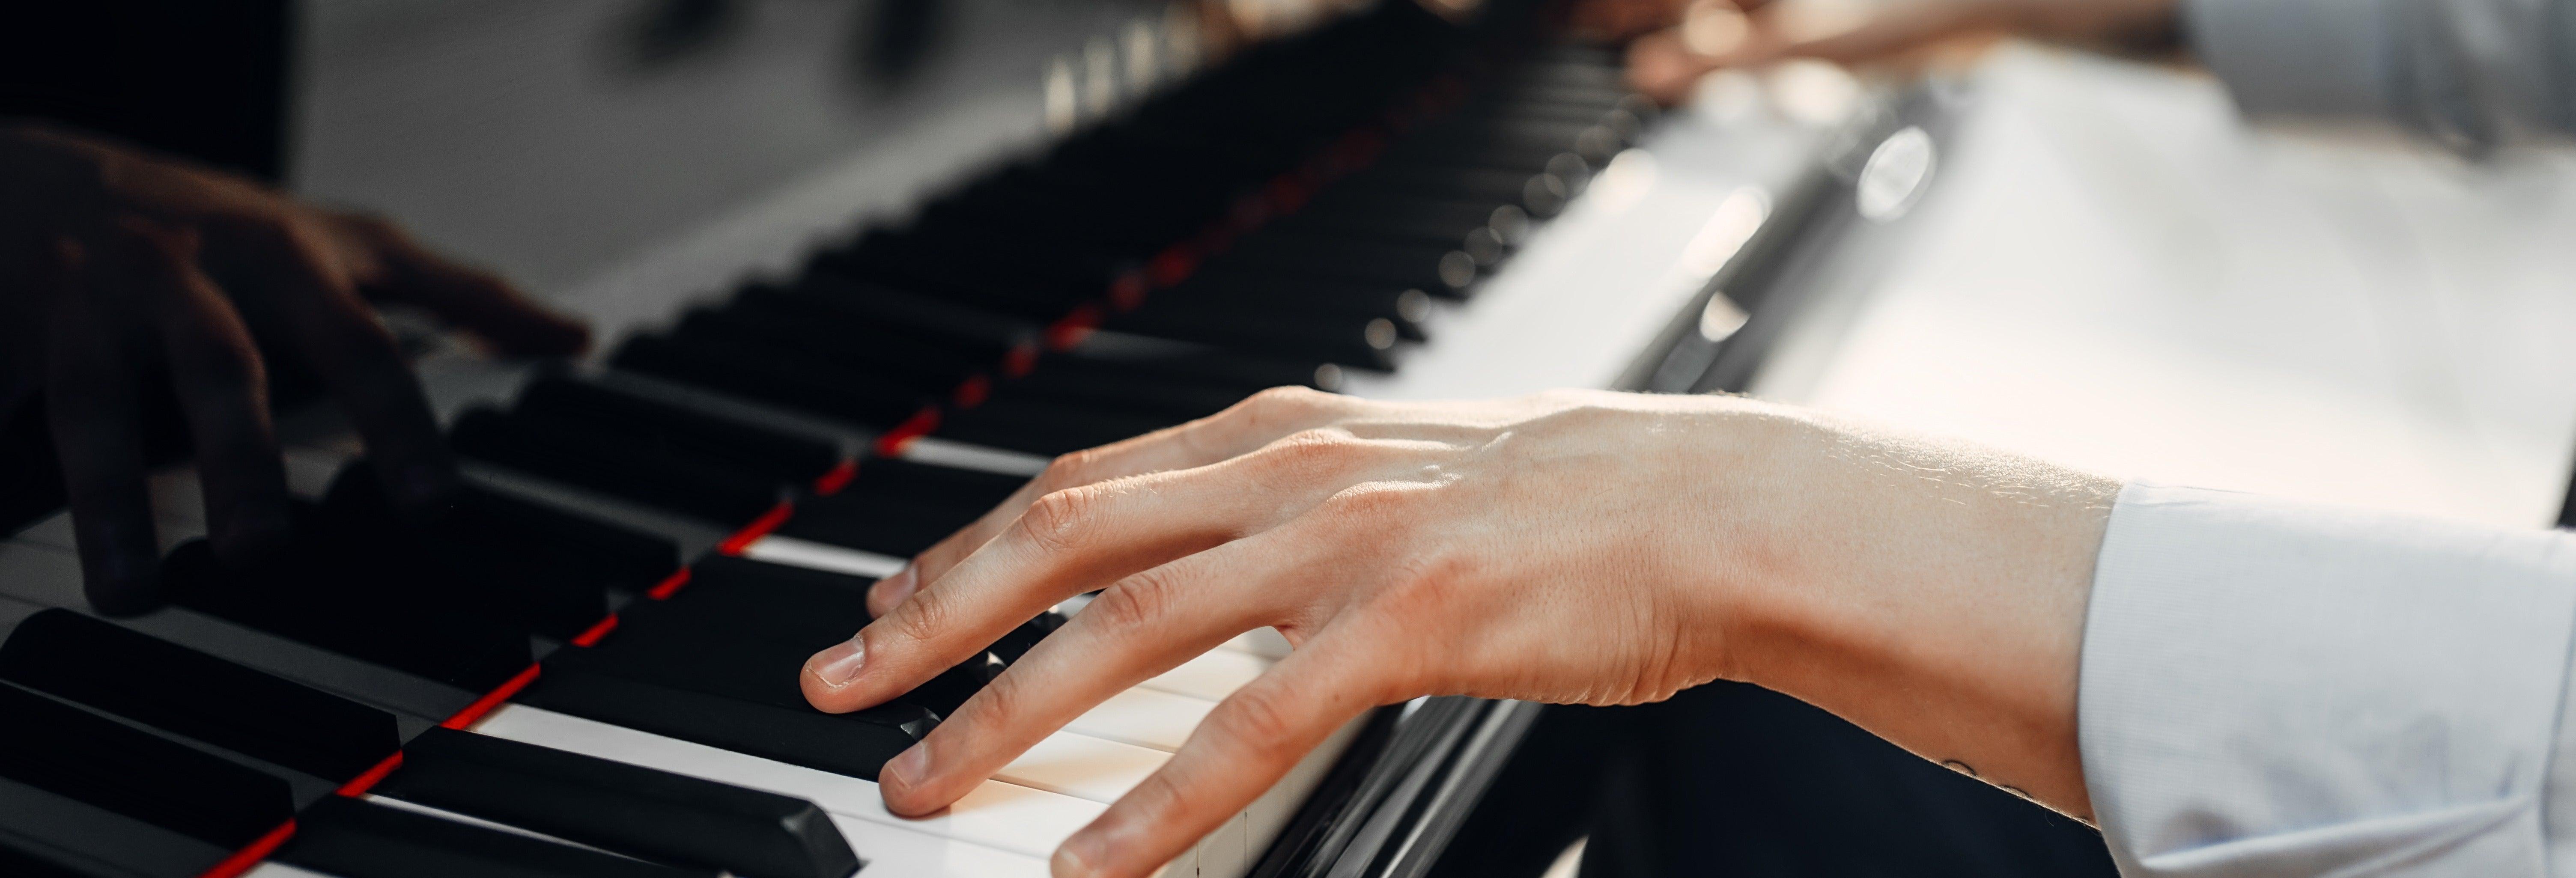 Concert de piano à travers le répertoire de Chopin